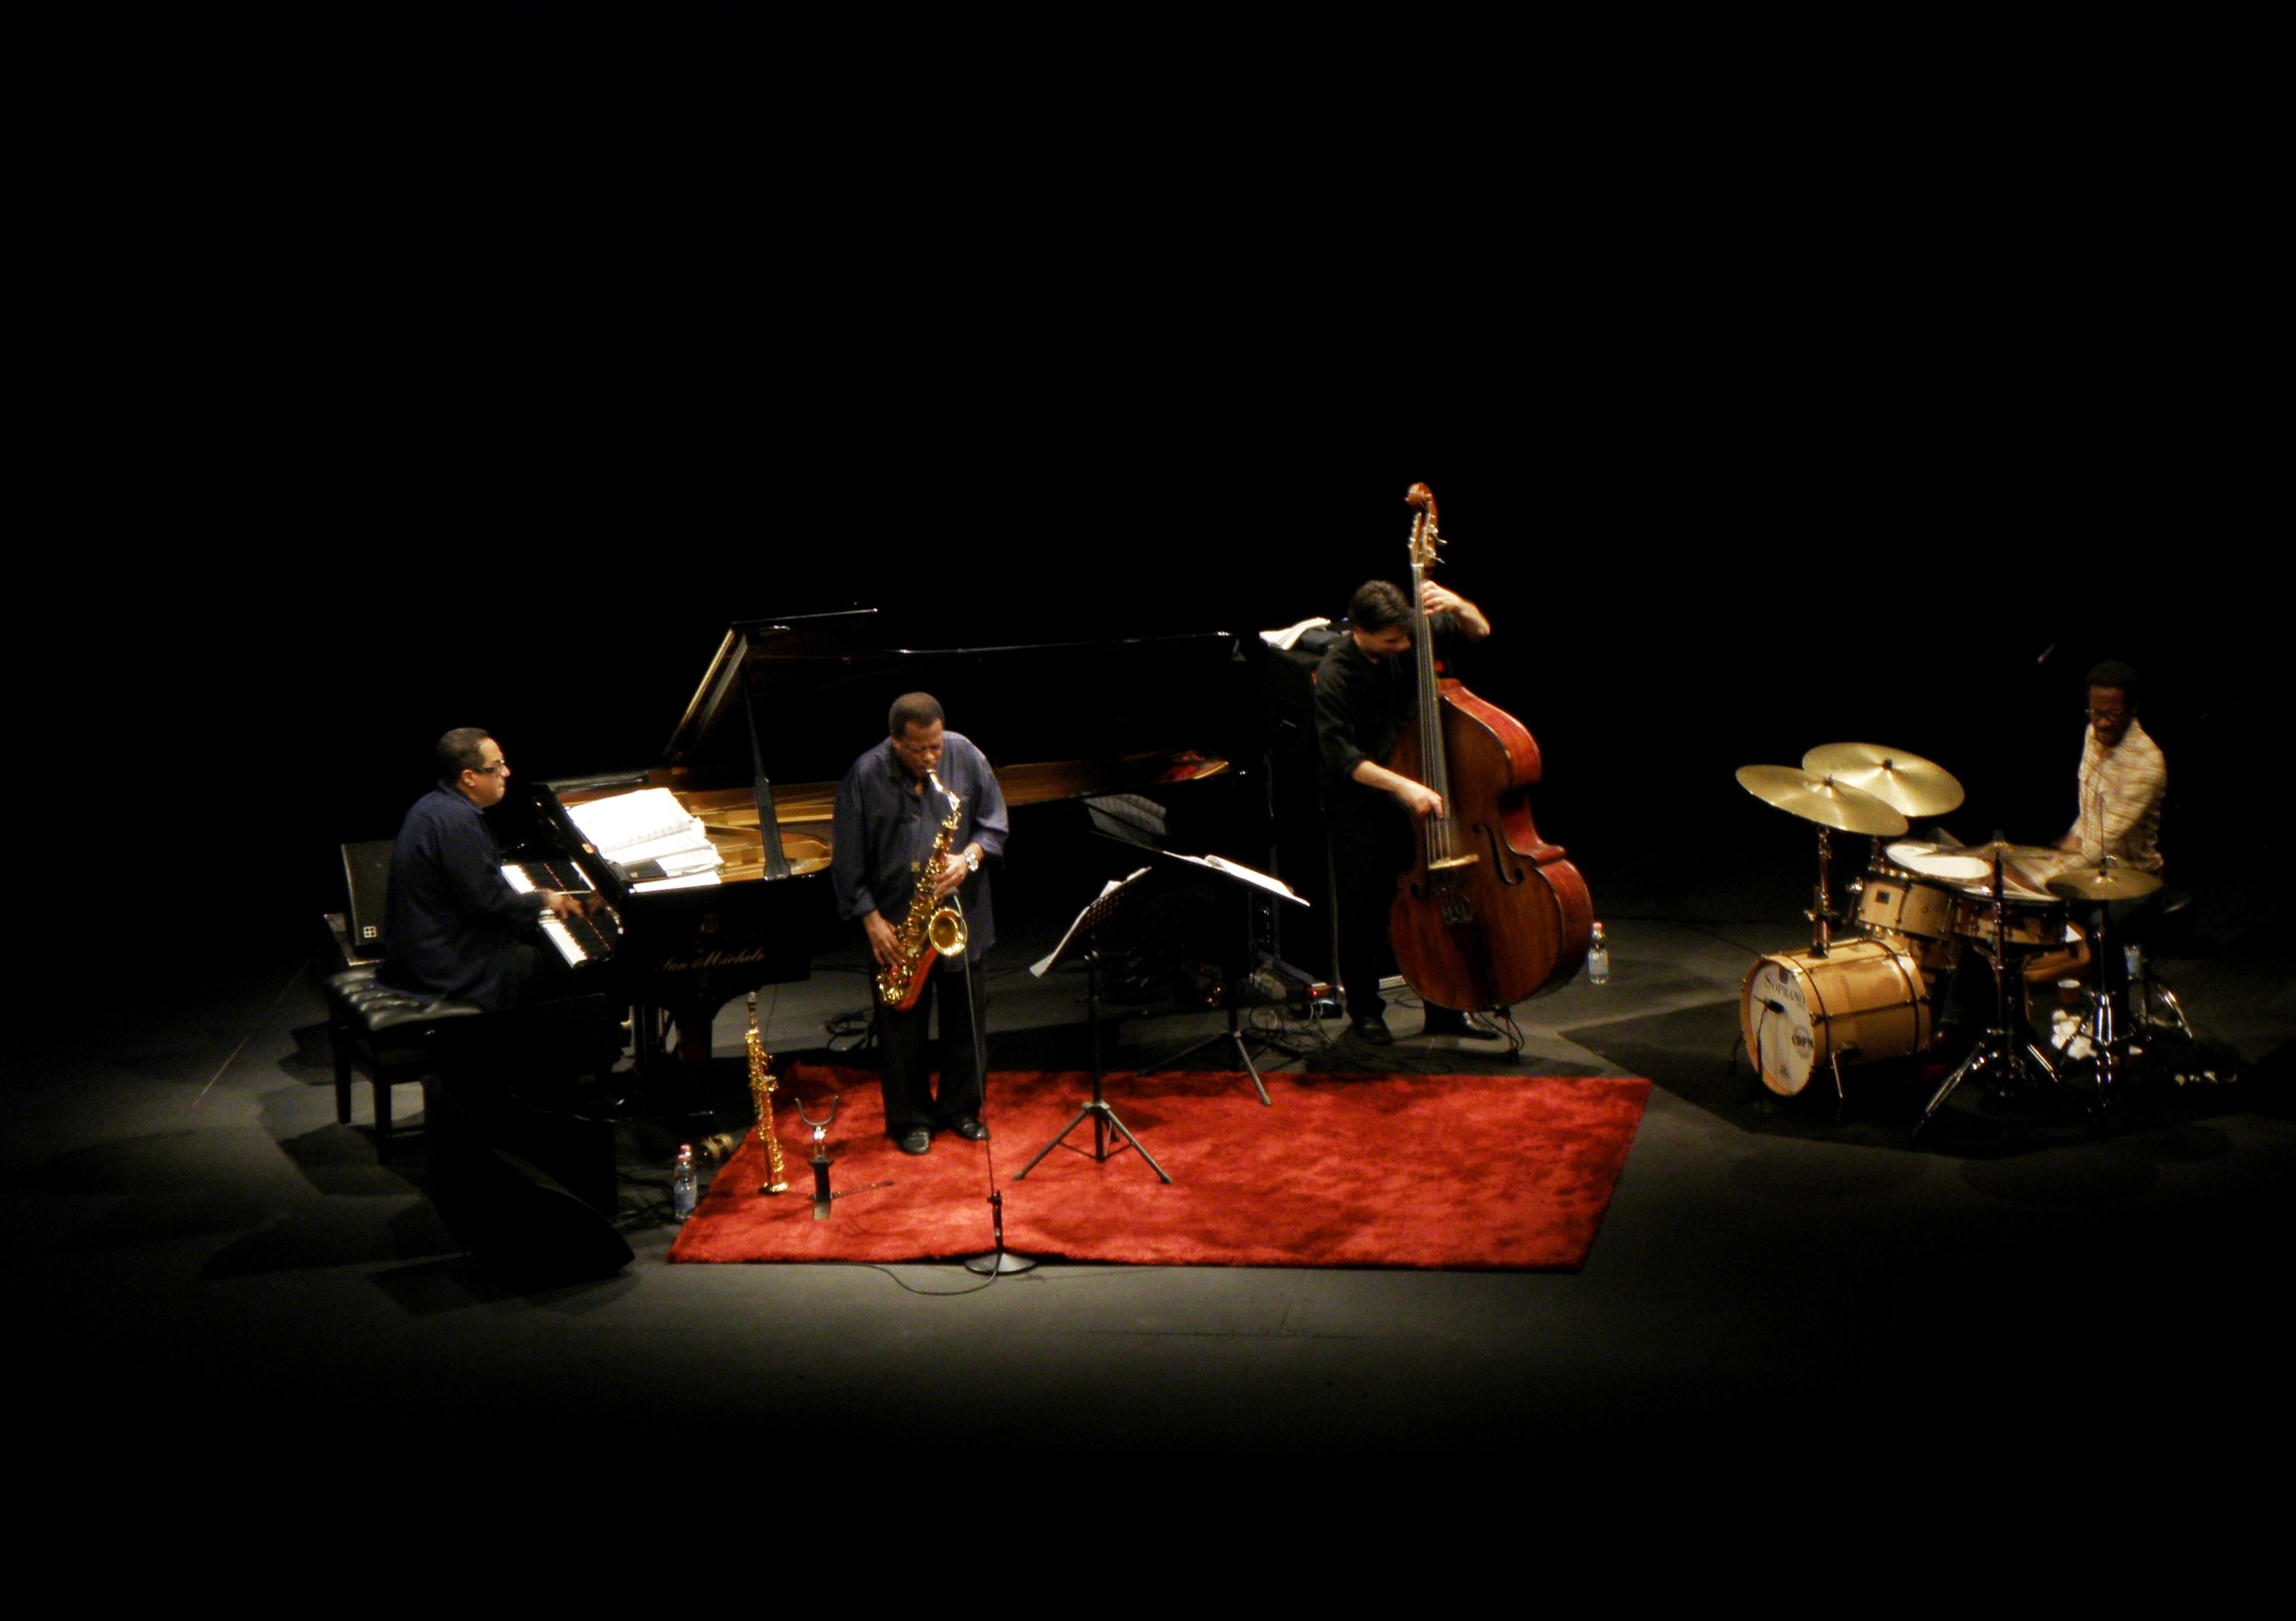 El Wayne Shorter Quartet, con Danilo Pérez, John Patitucci y Brian Blade, en 2010.